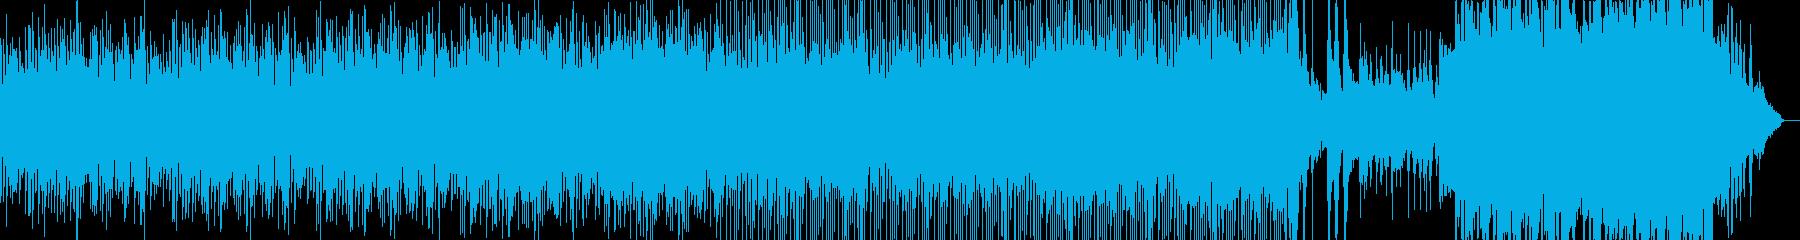 美しいオーケストラ。の再生済みの波形